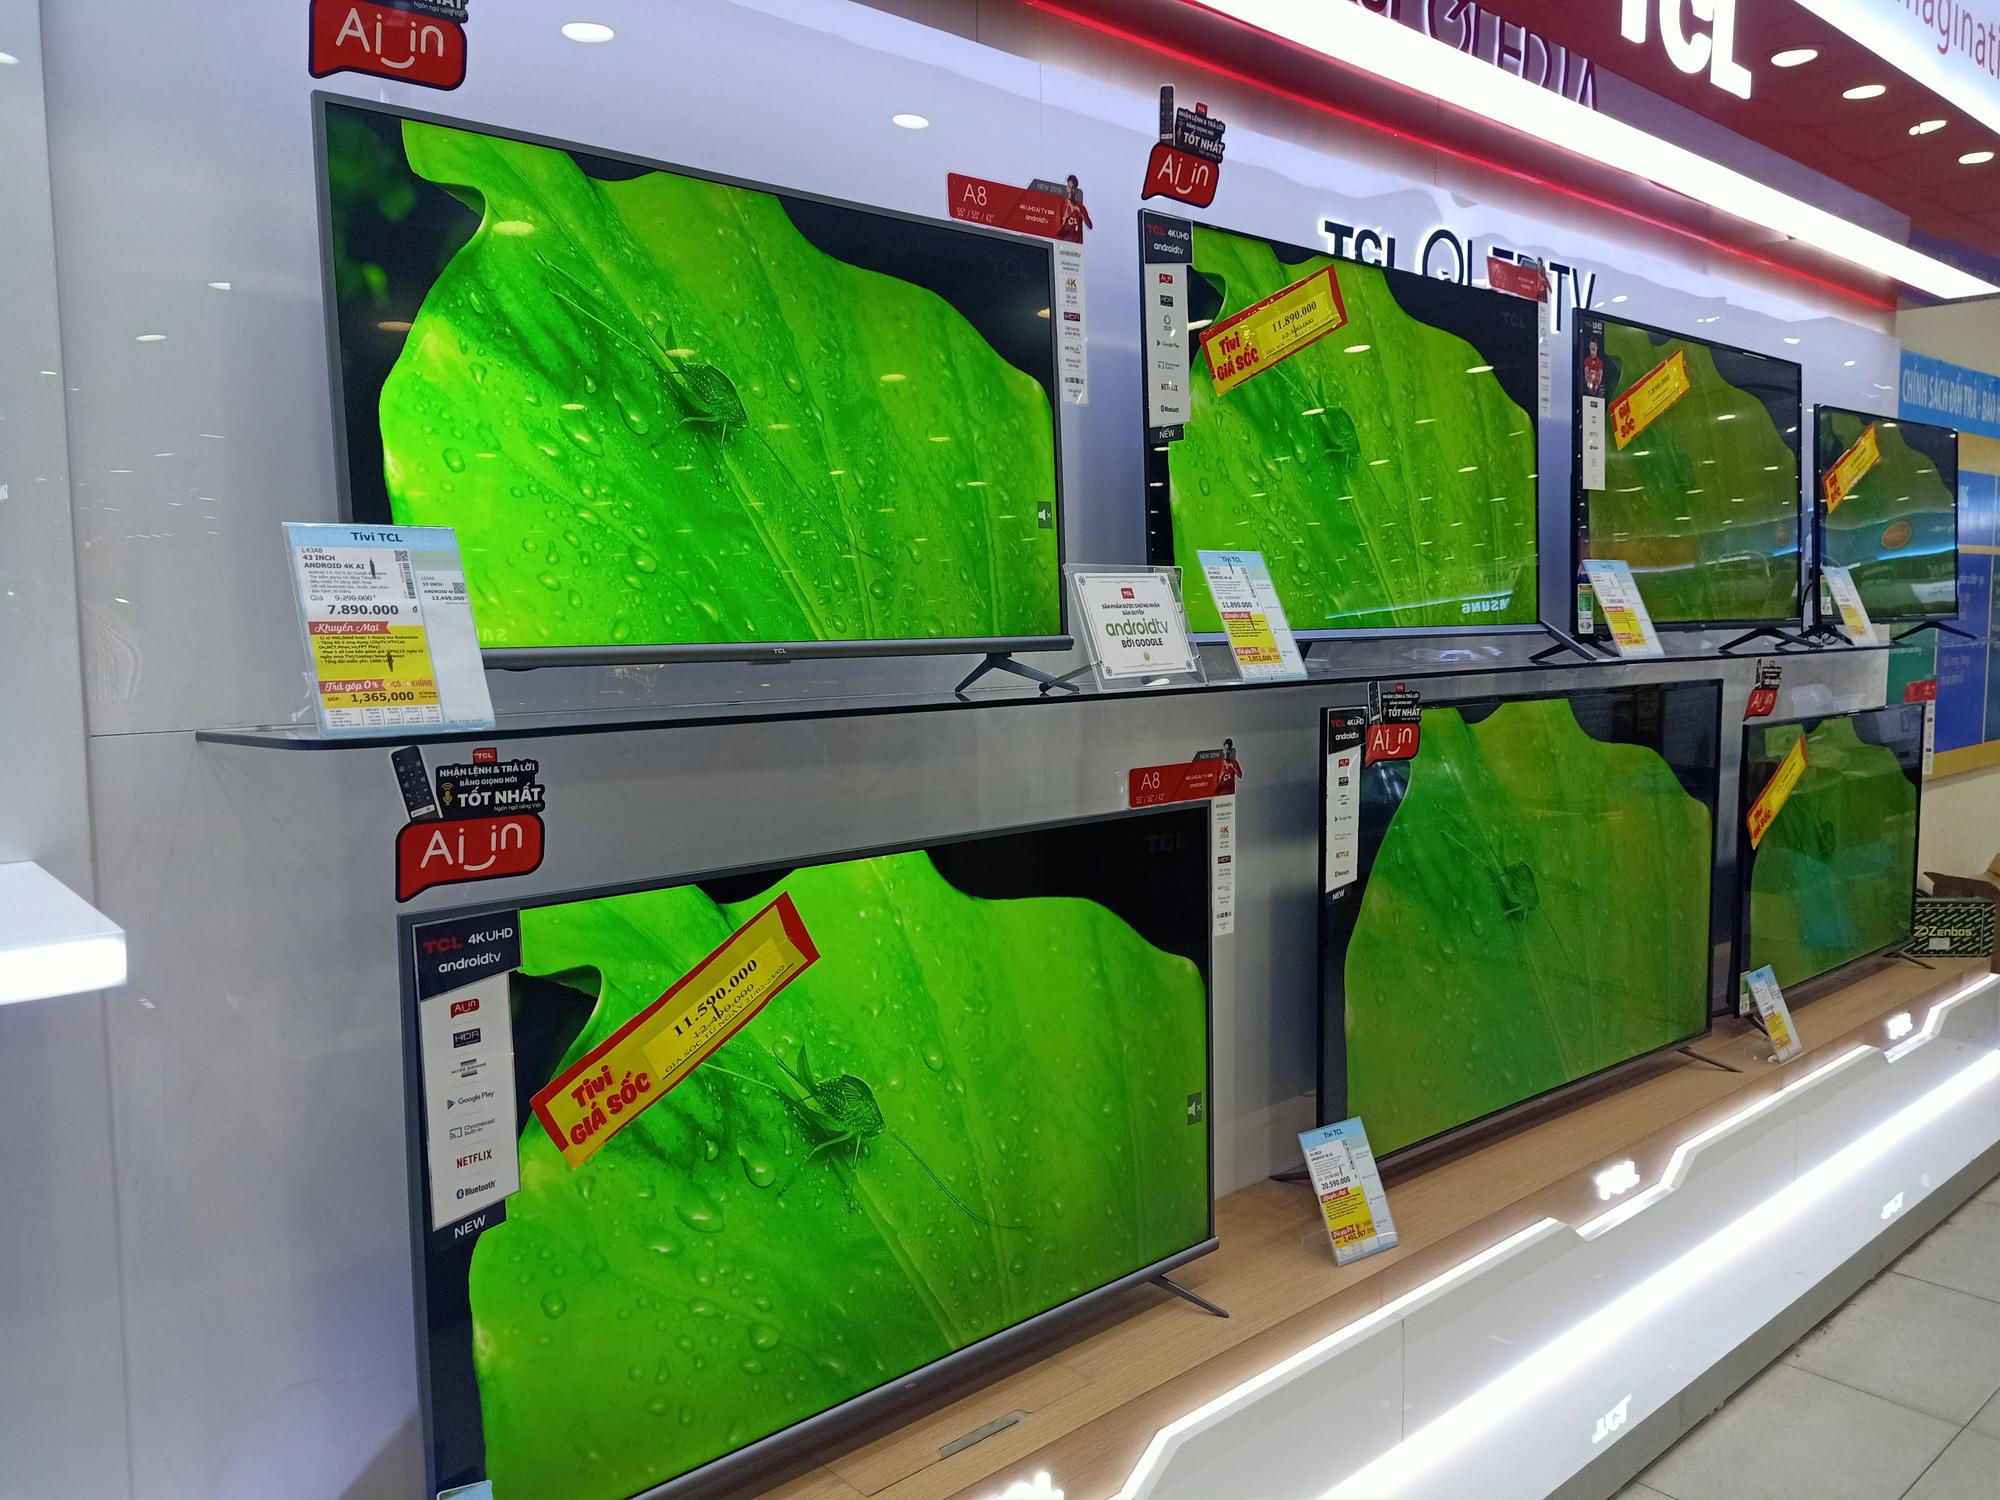 Tivi giảm giá trong phân khúc cận cao cấp